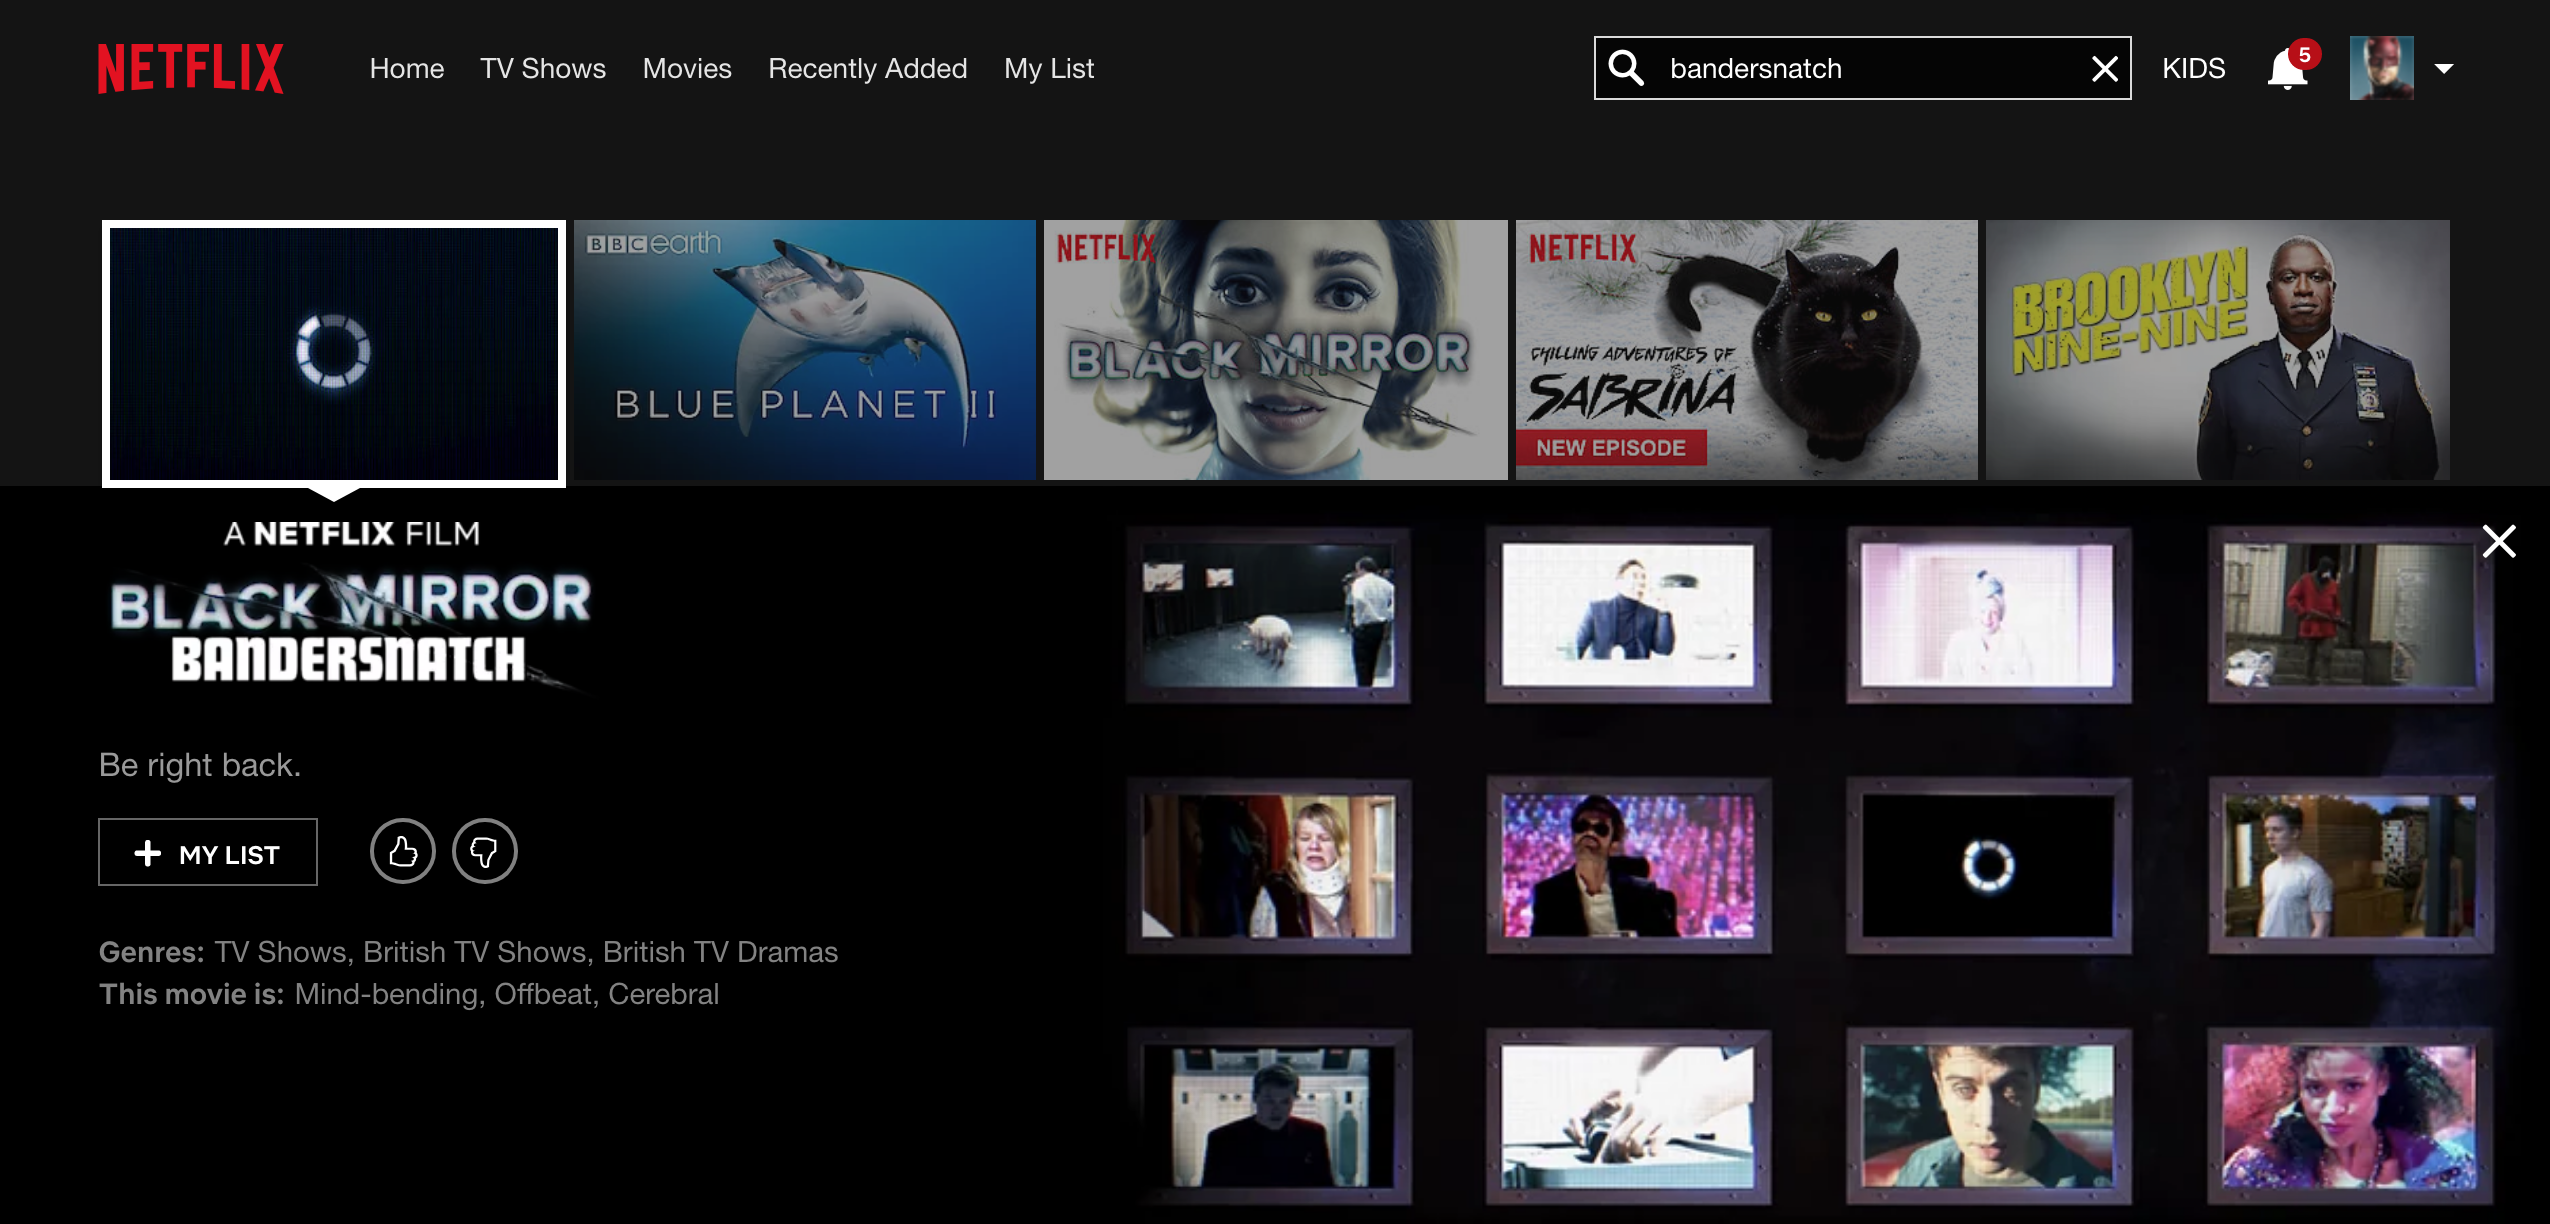 Netflix Black Mirror Bandersnatch